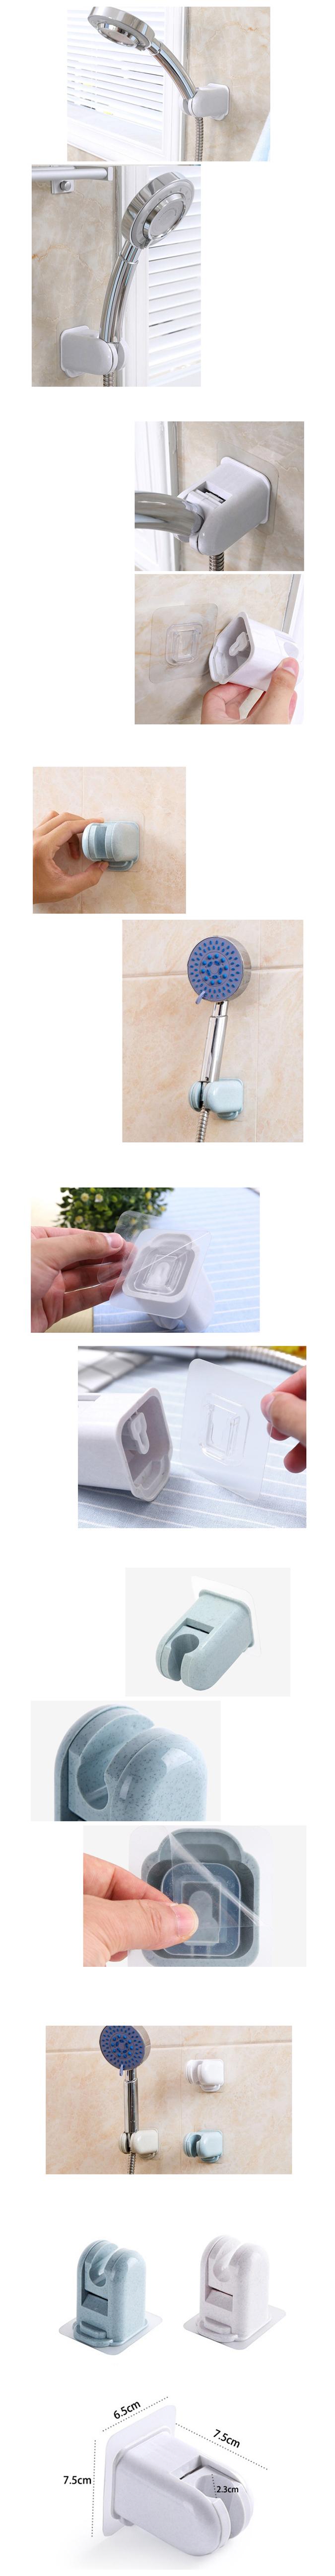 매직흡착 샤워기 홀더(3color) LS - 꾸미기 좋은날, 4,000원, 정리용품/청소, 홀더/타올/휴지걸이